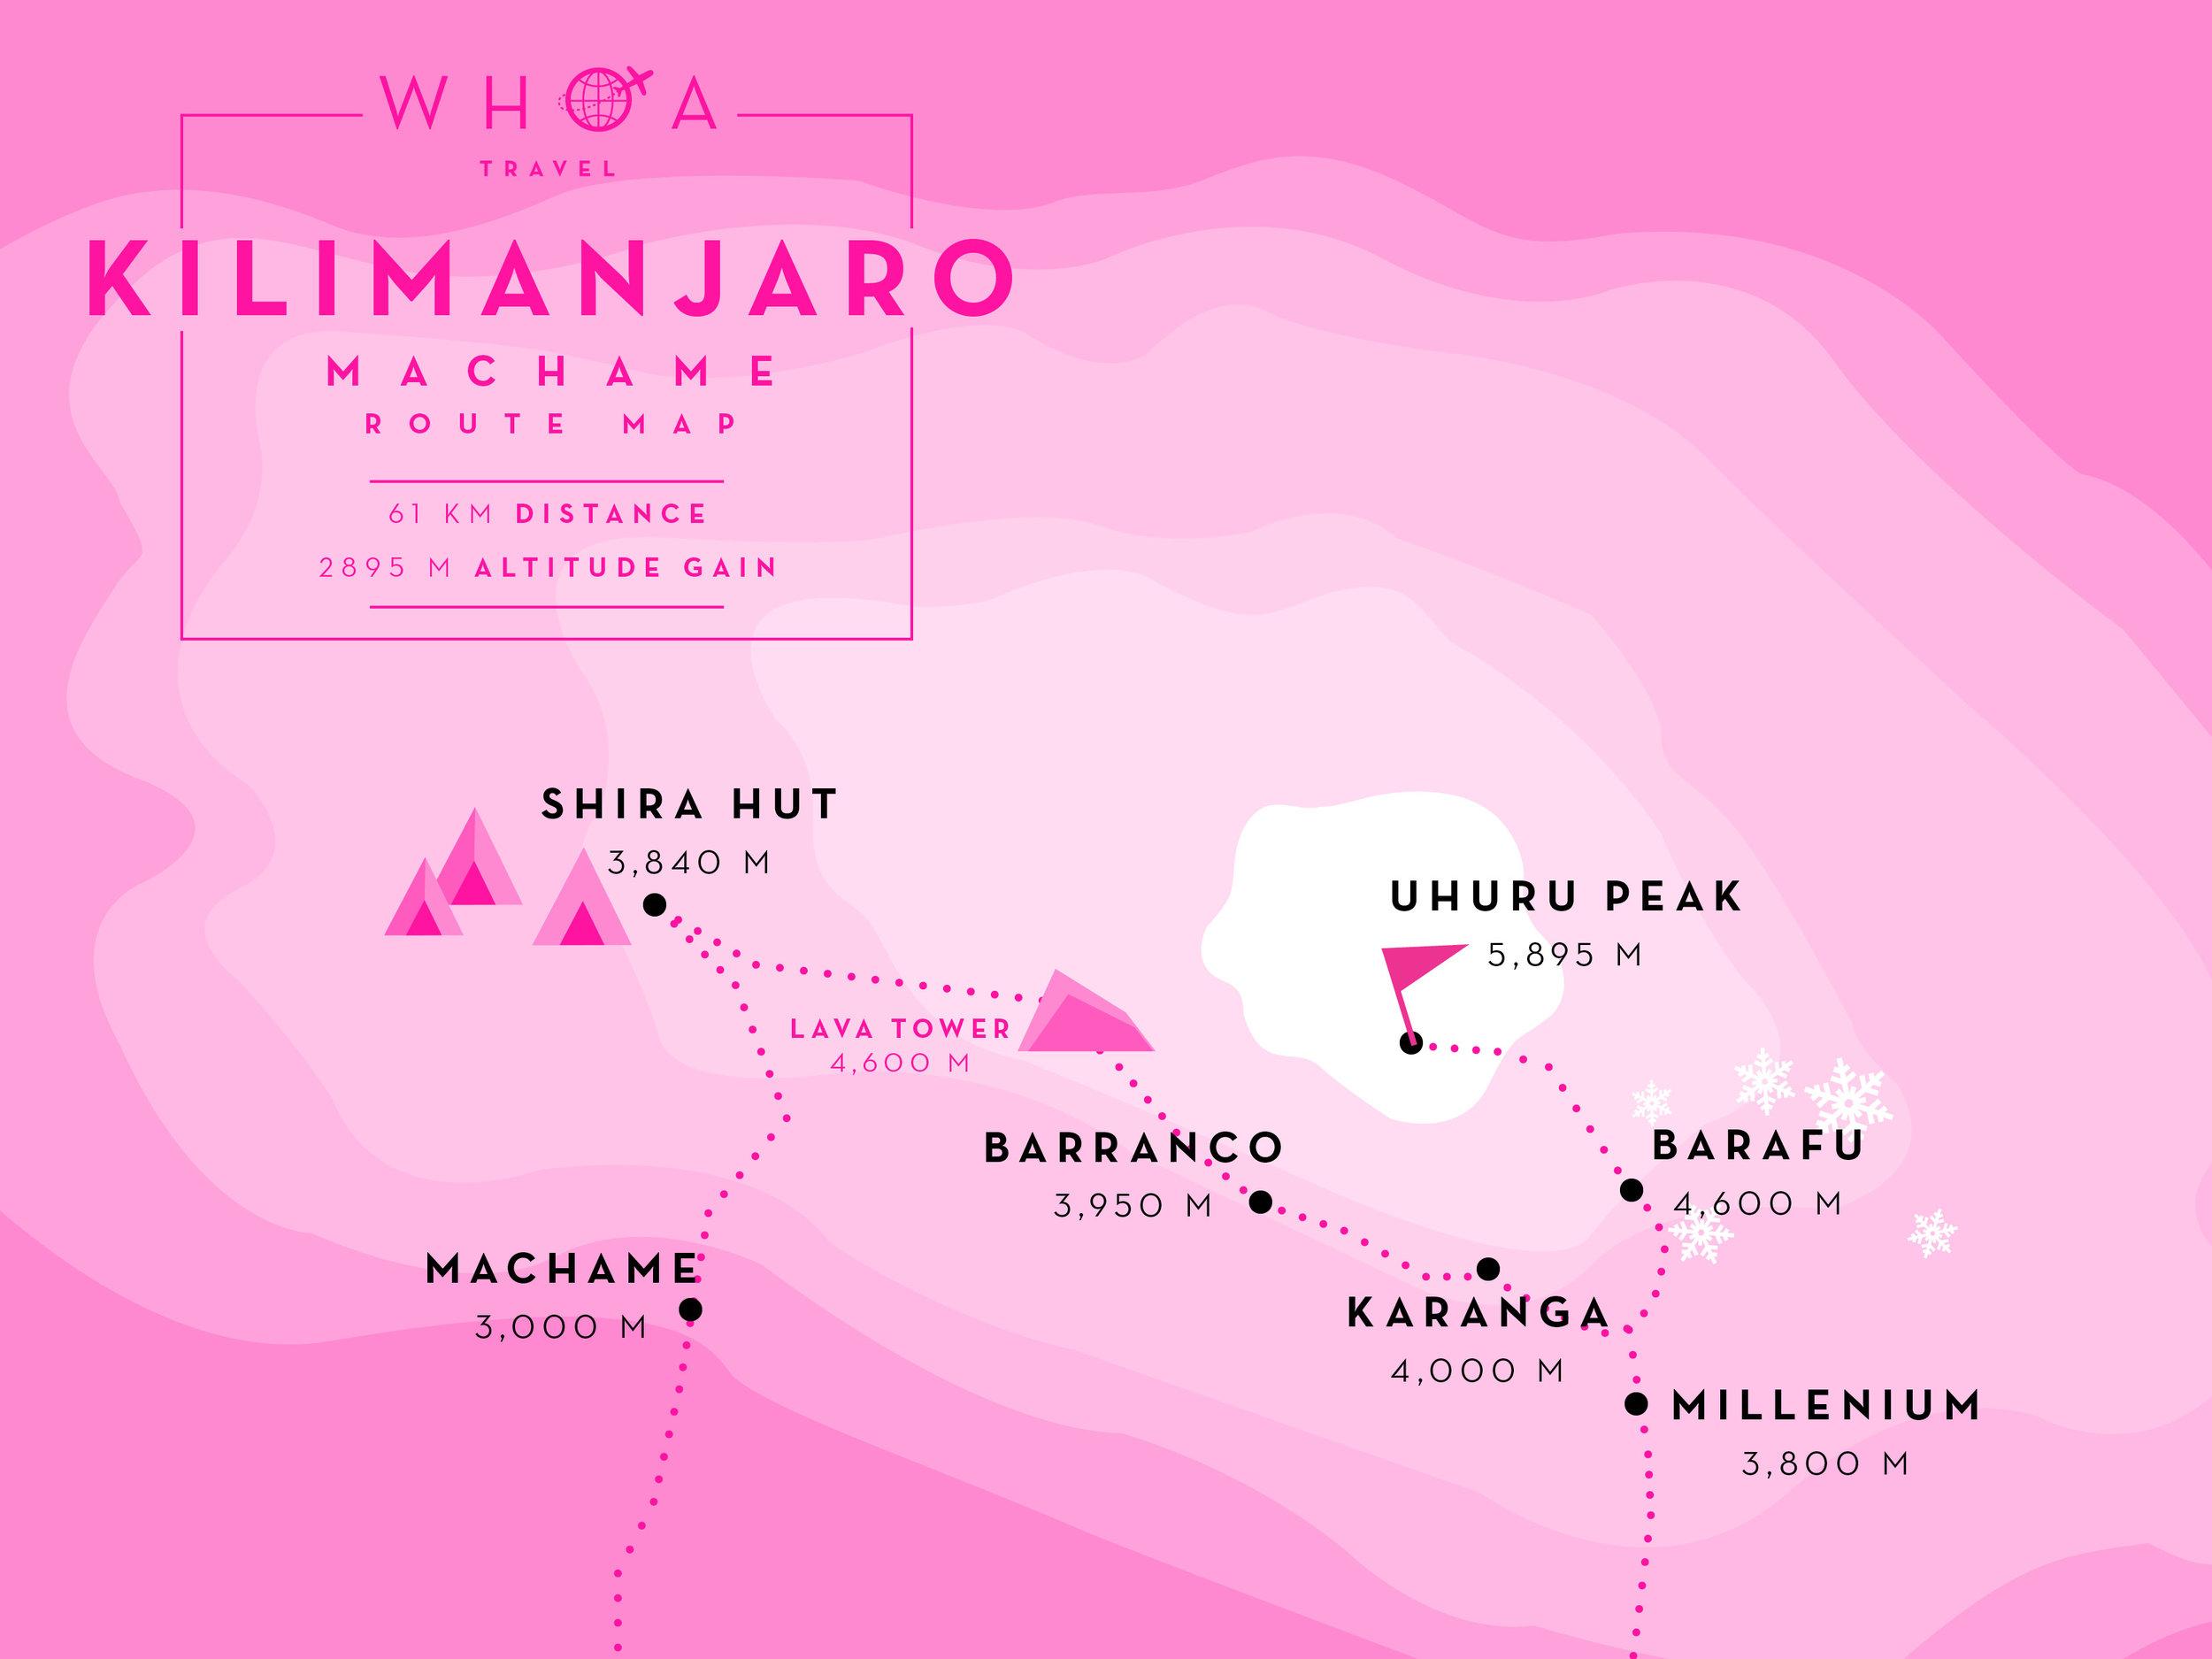 WHOA Machame Map.jpg